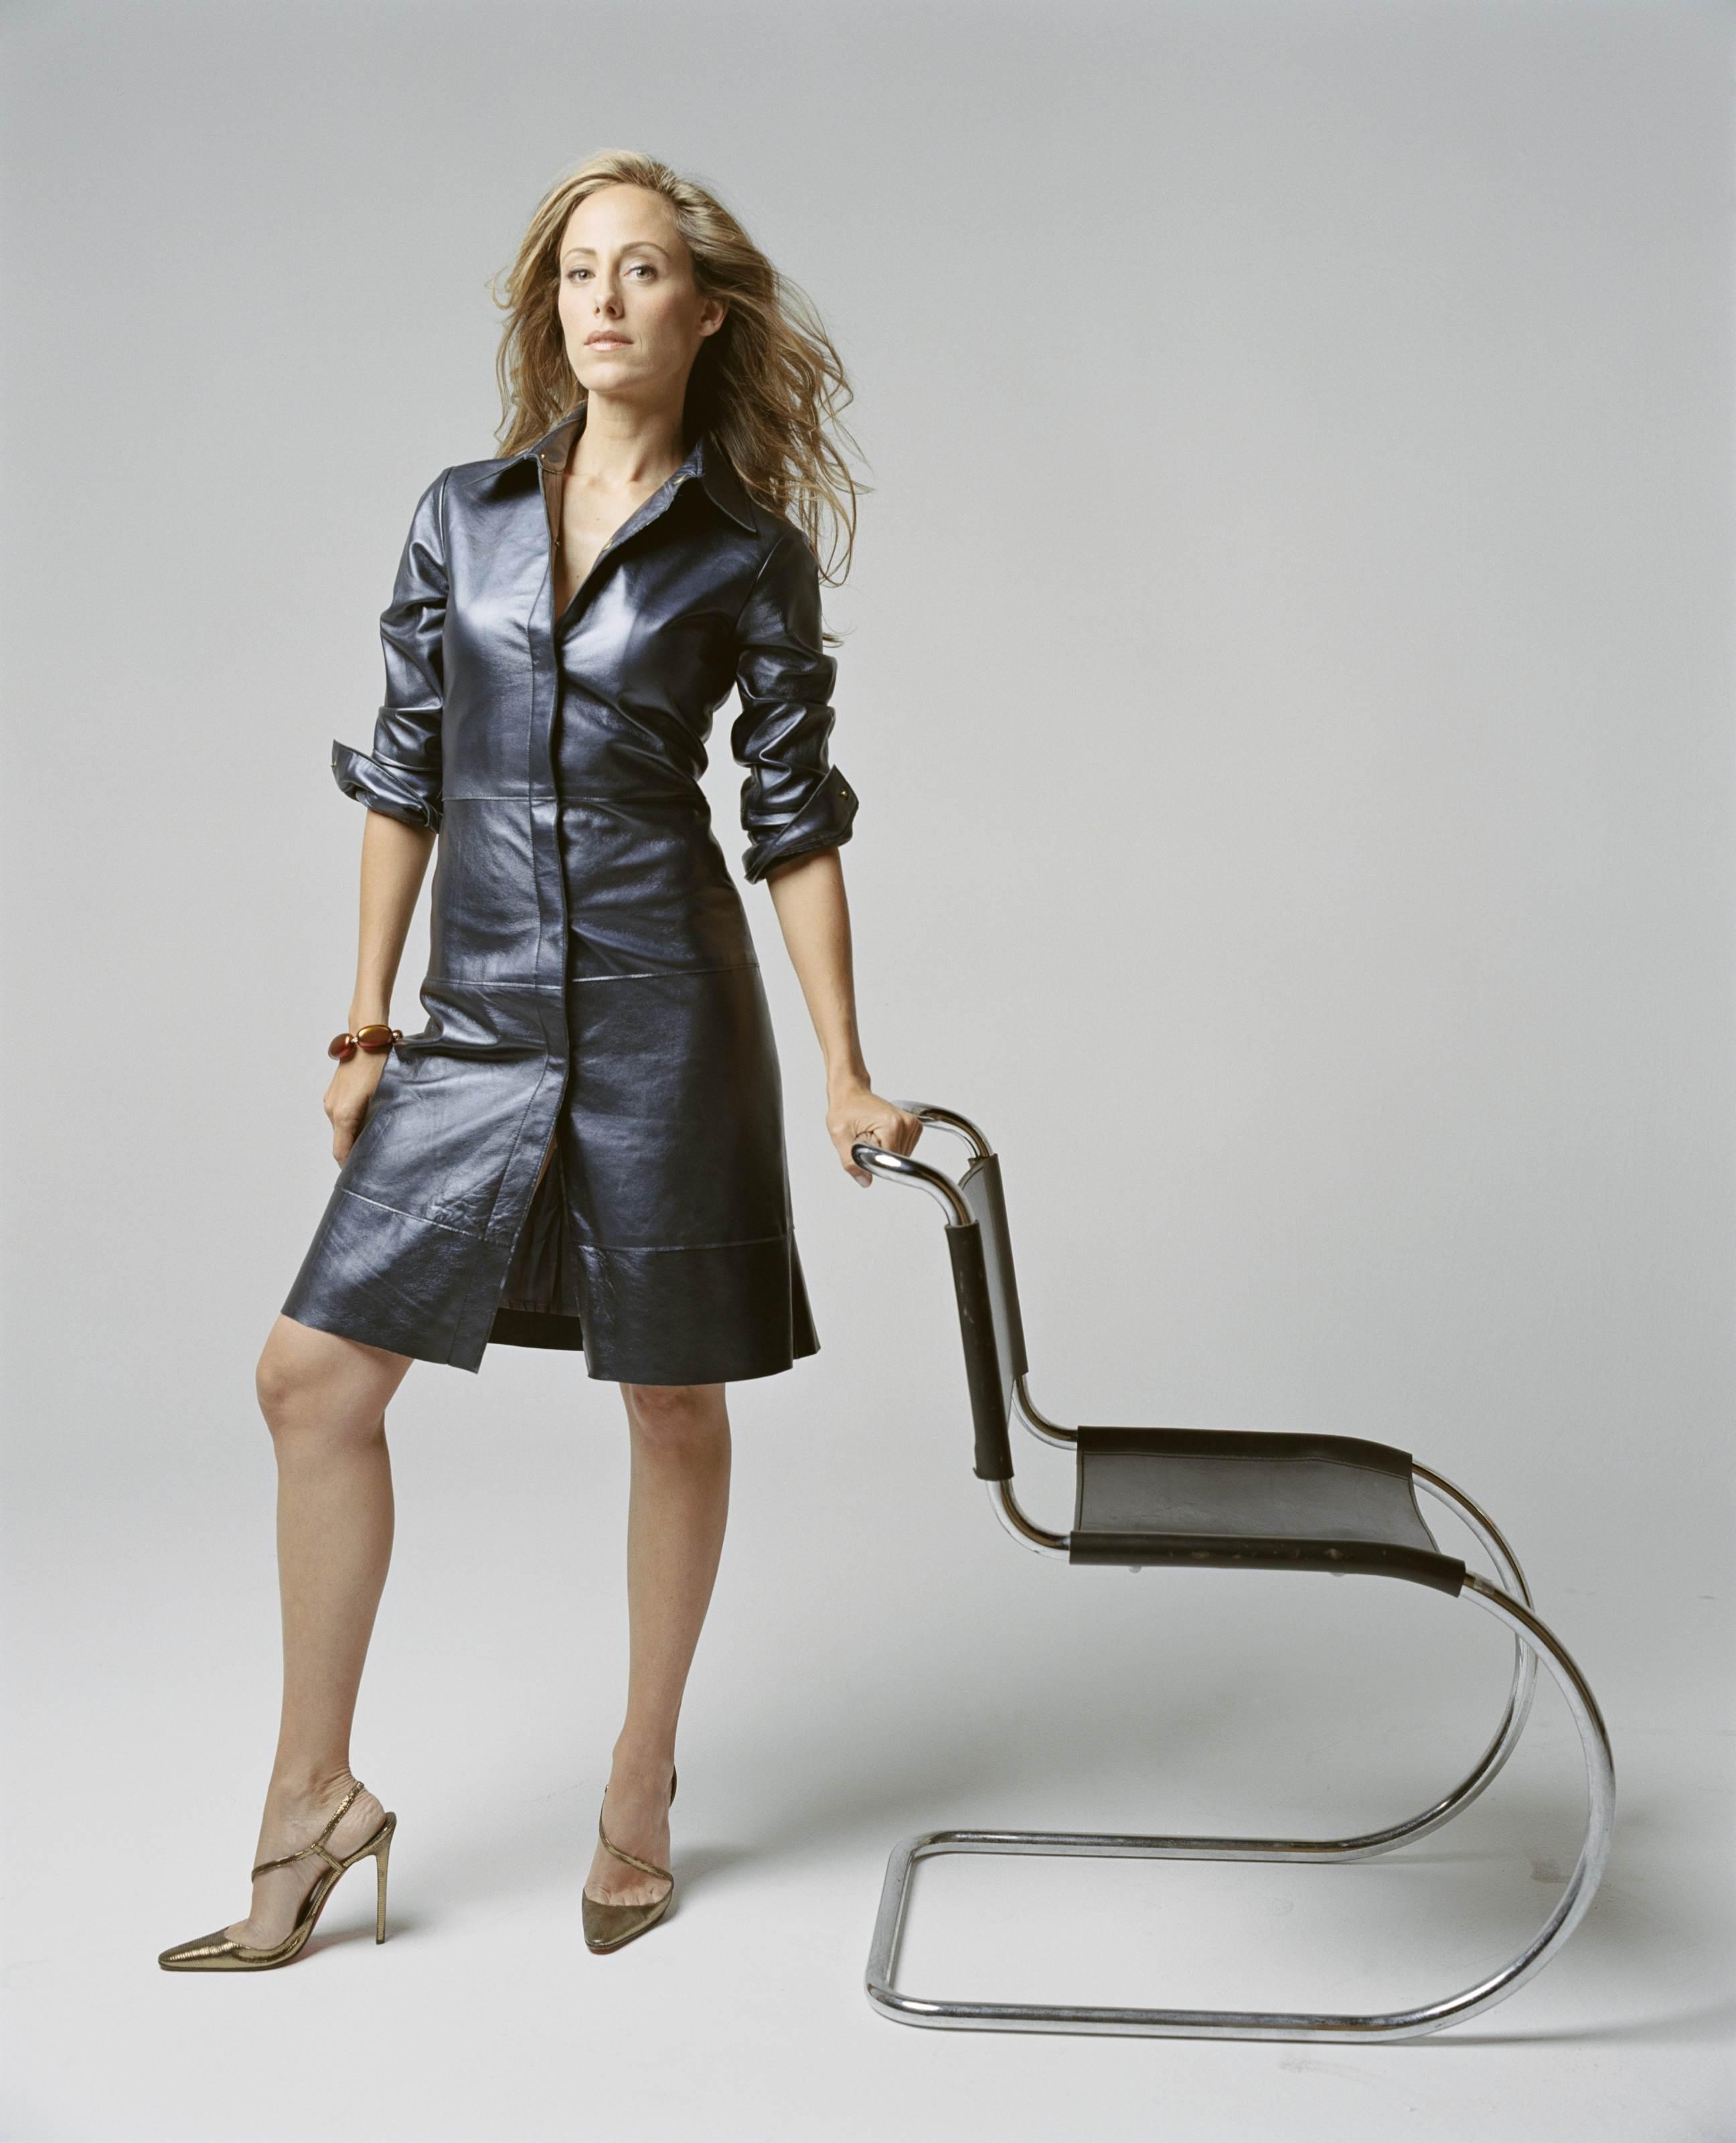 женщины в кожаных пальто фото дрочки омежнее